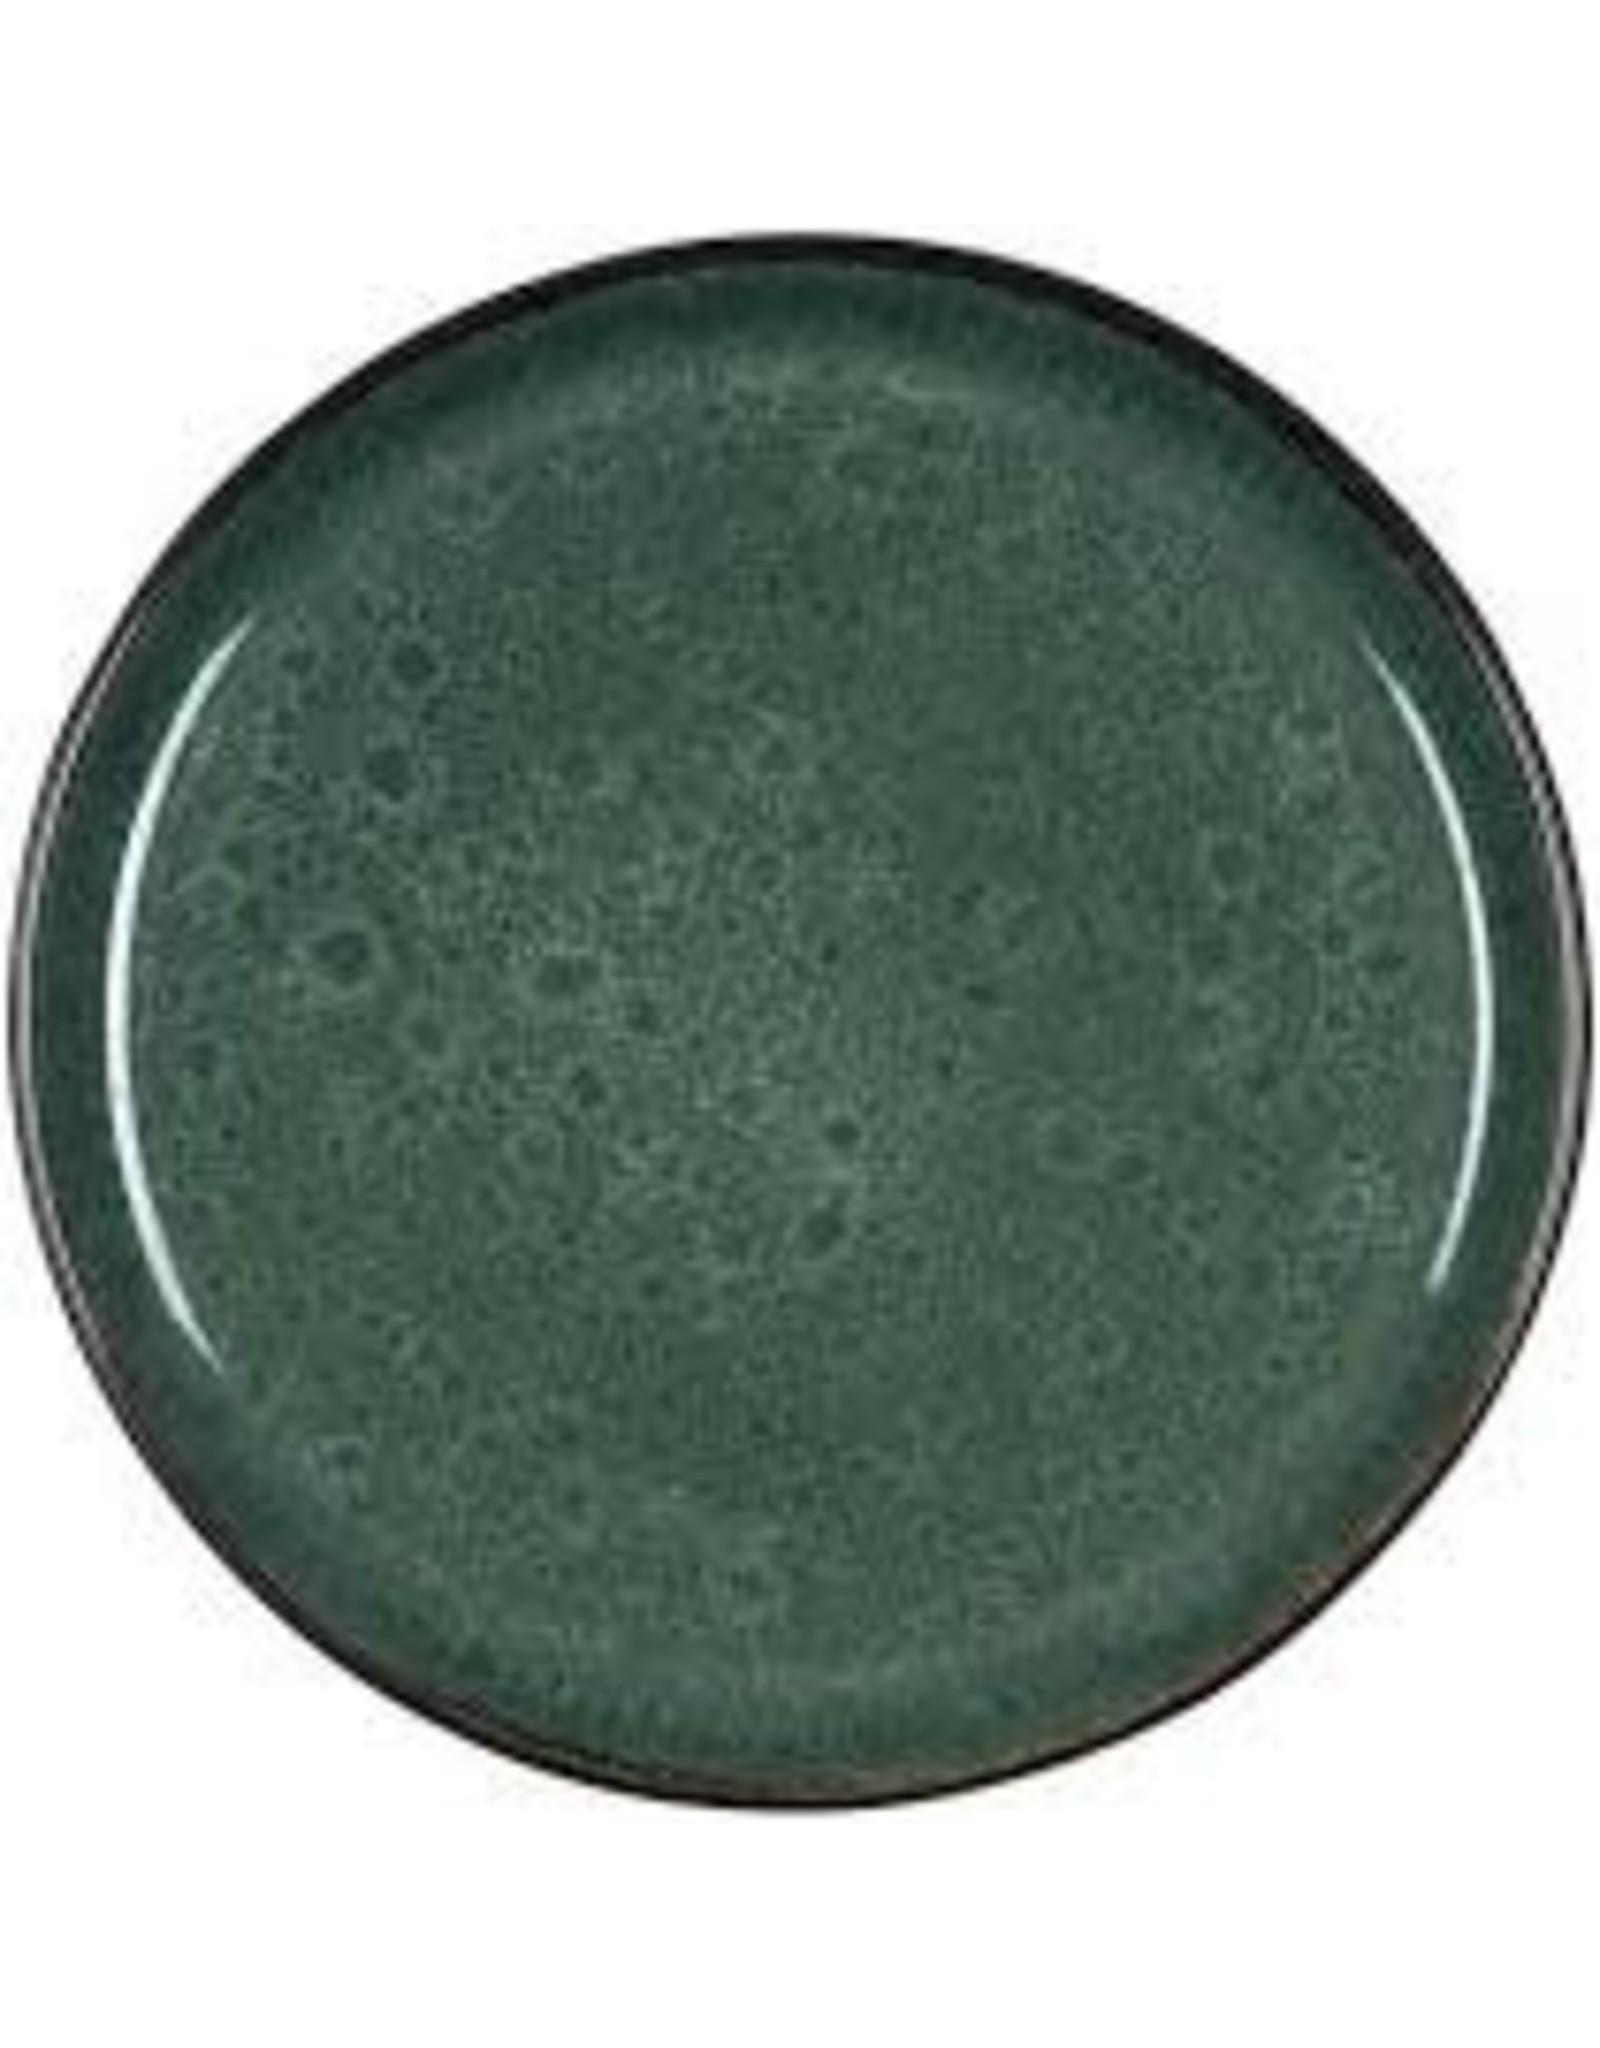 BITZ BITZ 821259 BORD 20X2CM BLACK/GREEN